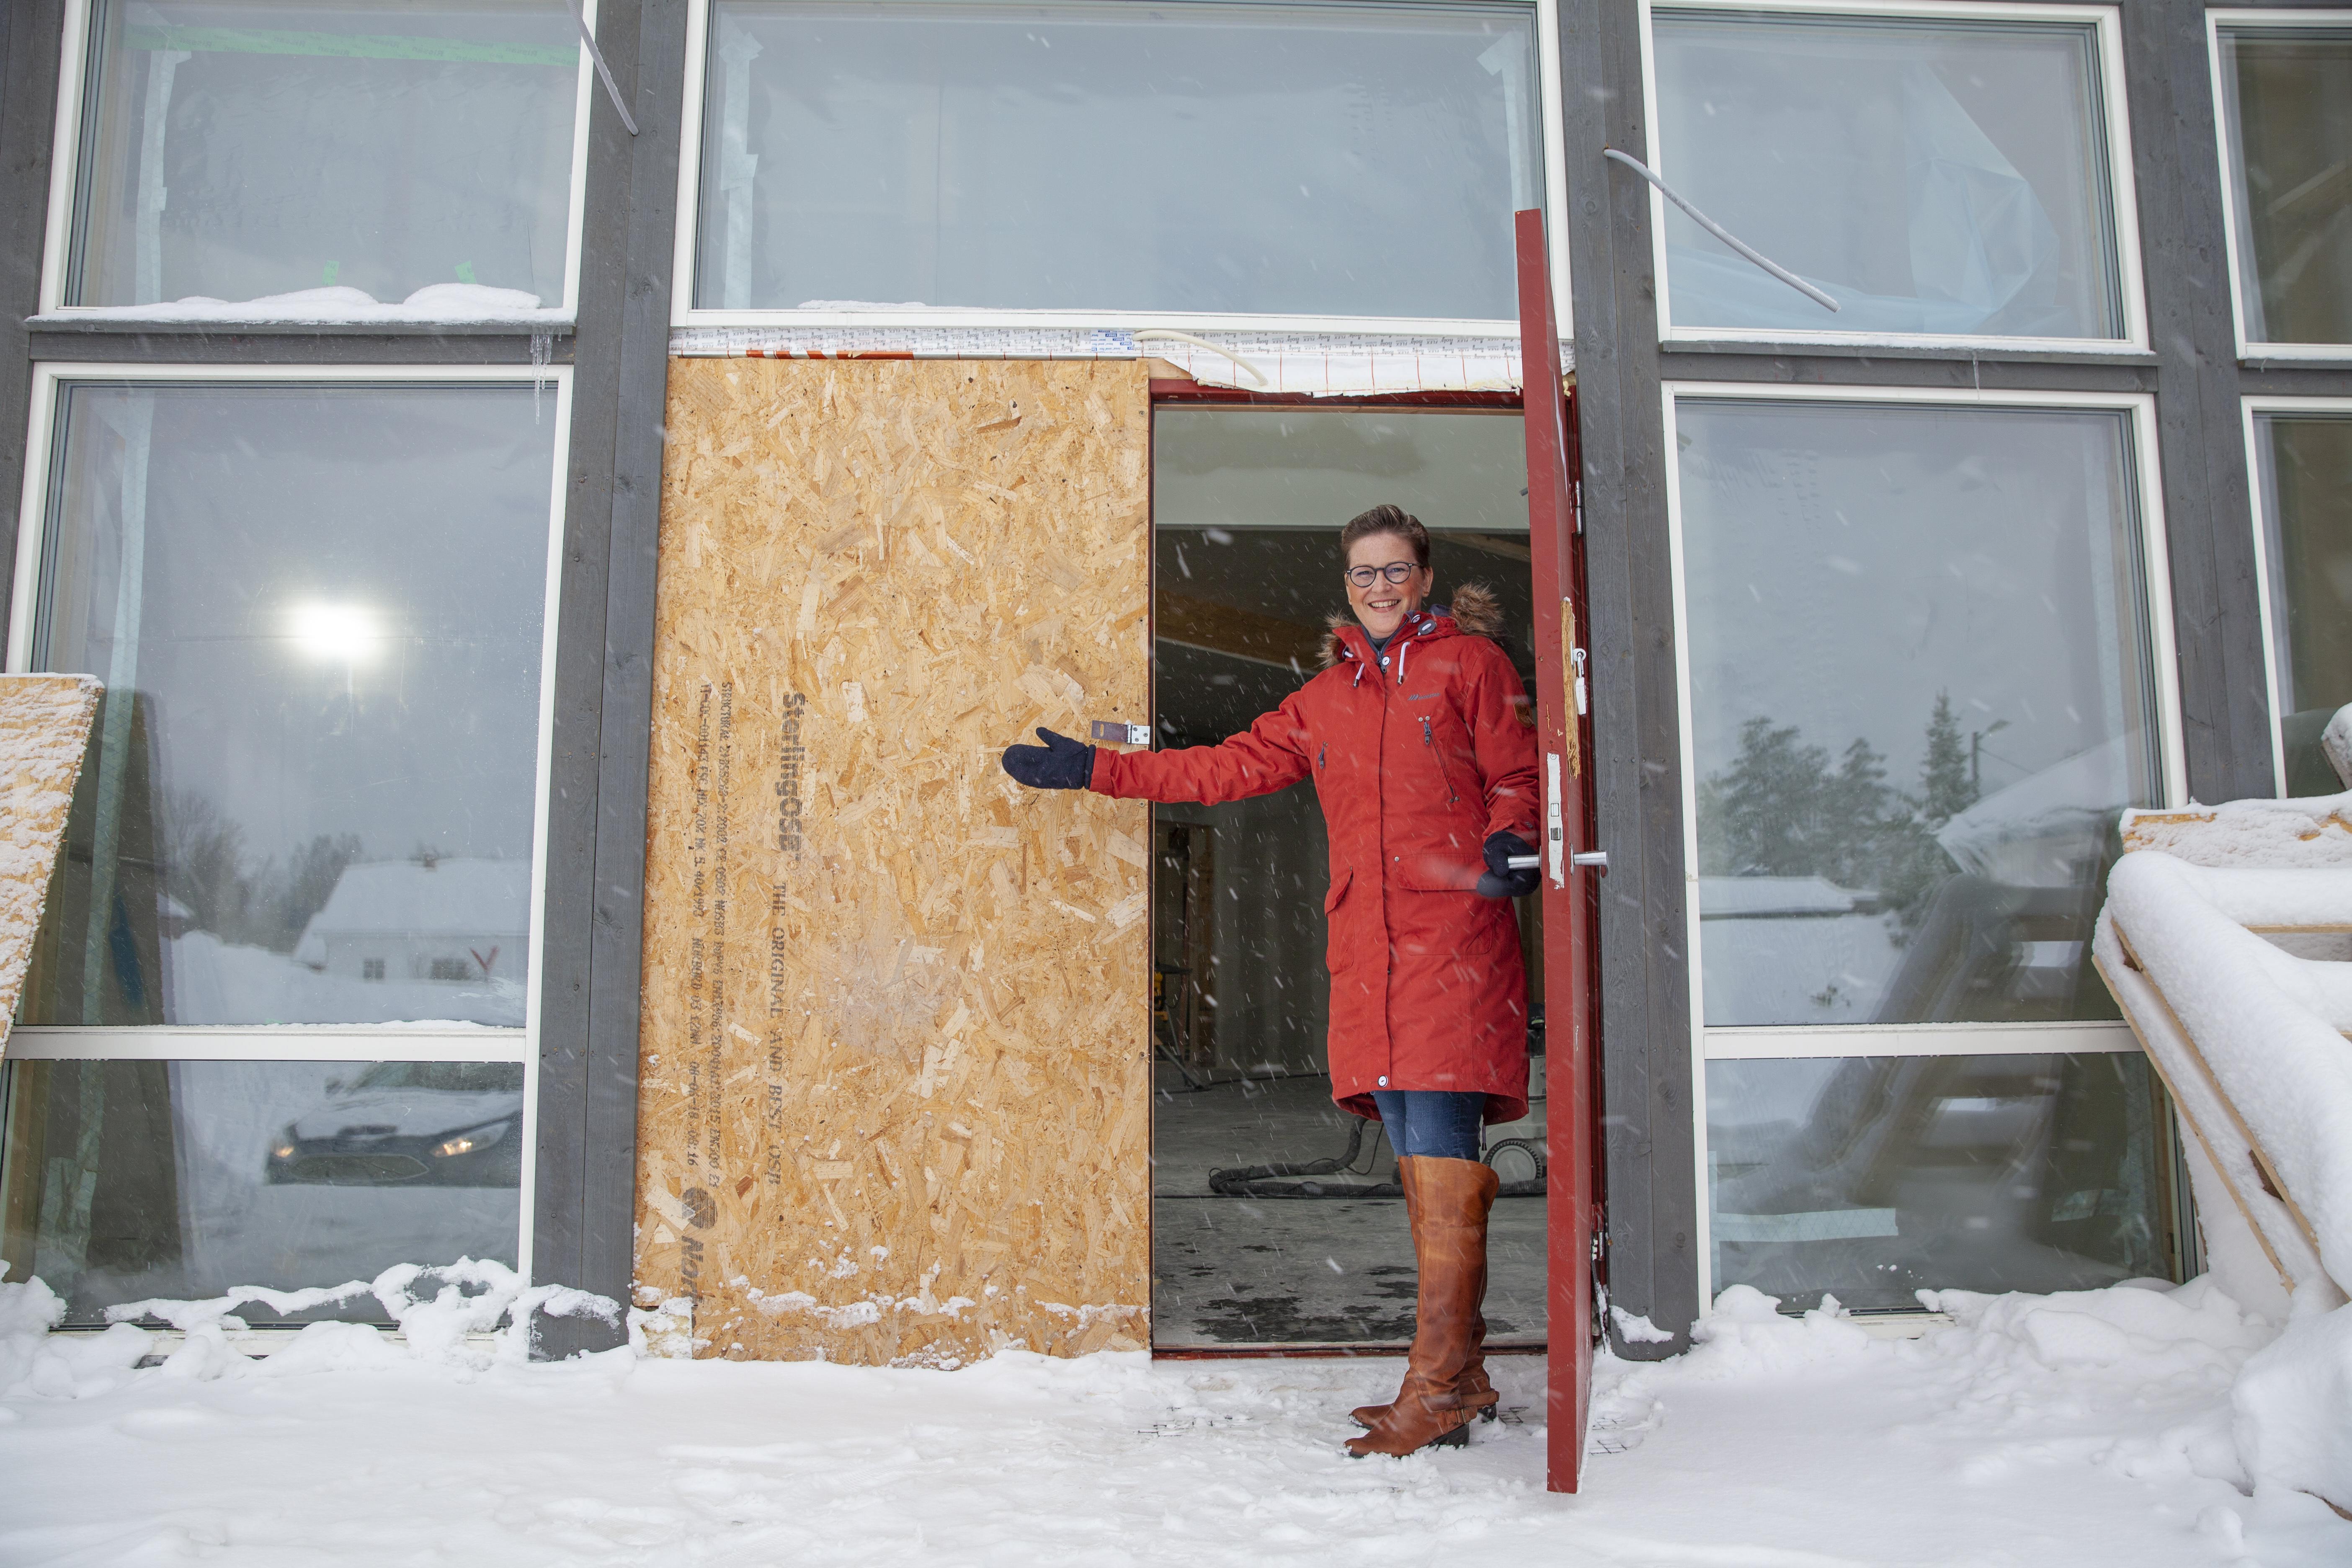 Kom inn: Camilla Saga, leder i byggekomiteen for Guds Menighet, er klar for å vise rundt i det nye tilbygget til forsamlingshuset på Vegårshei.